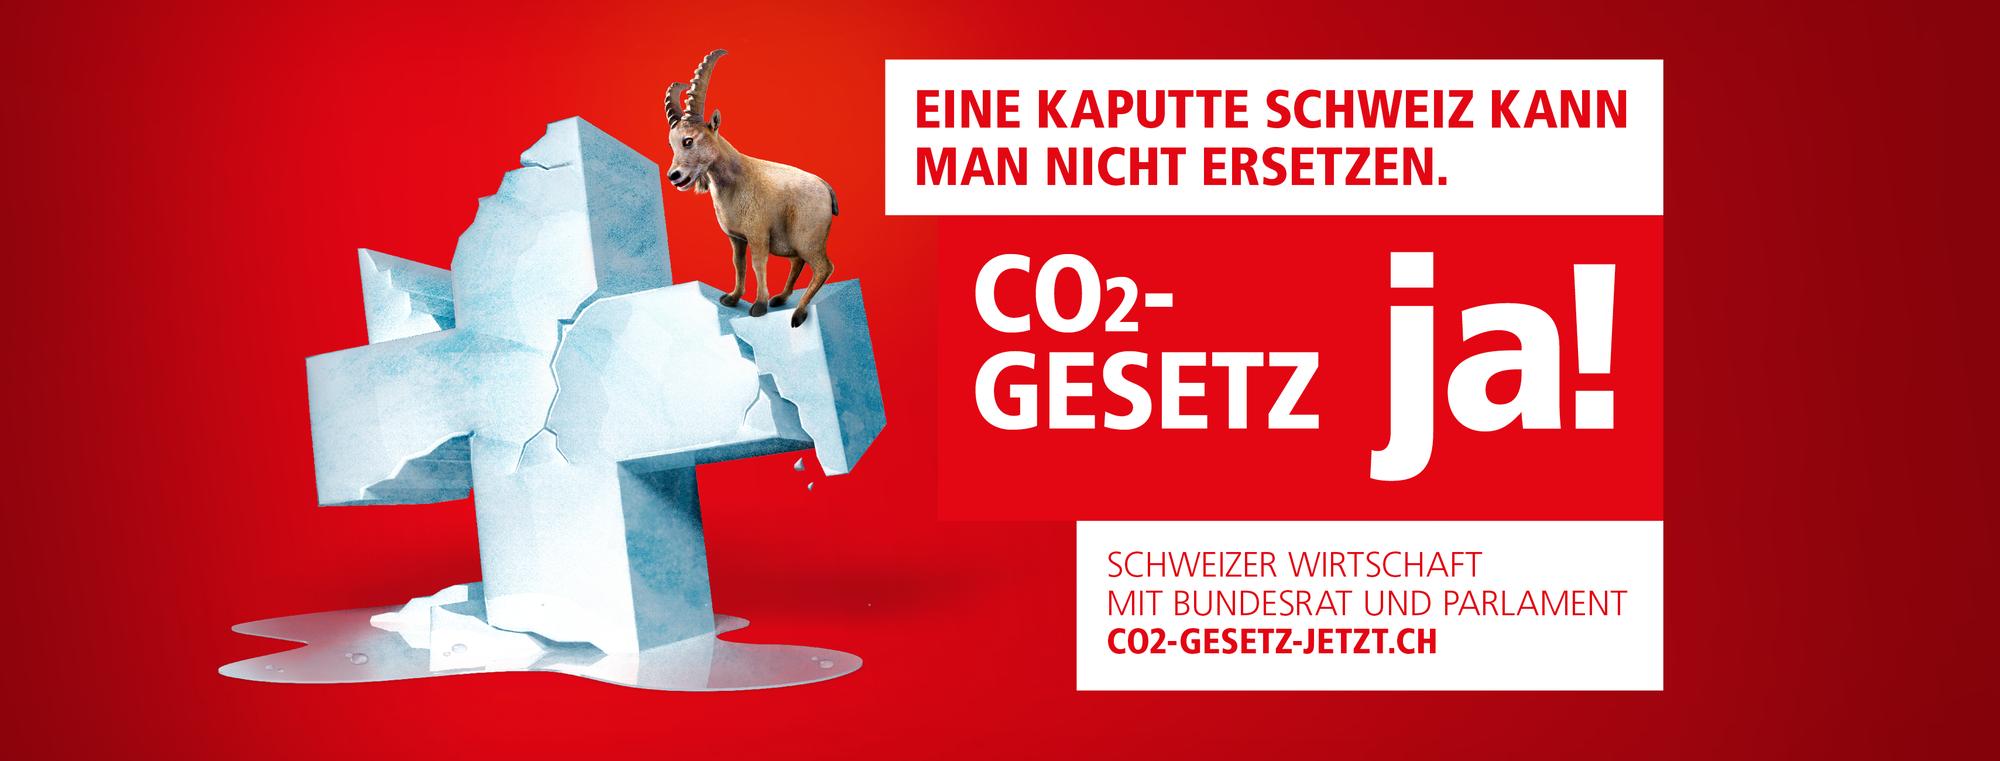 CO2-Gesetz ja!